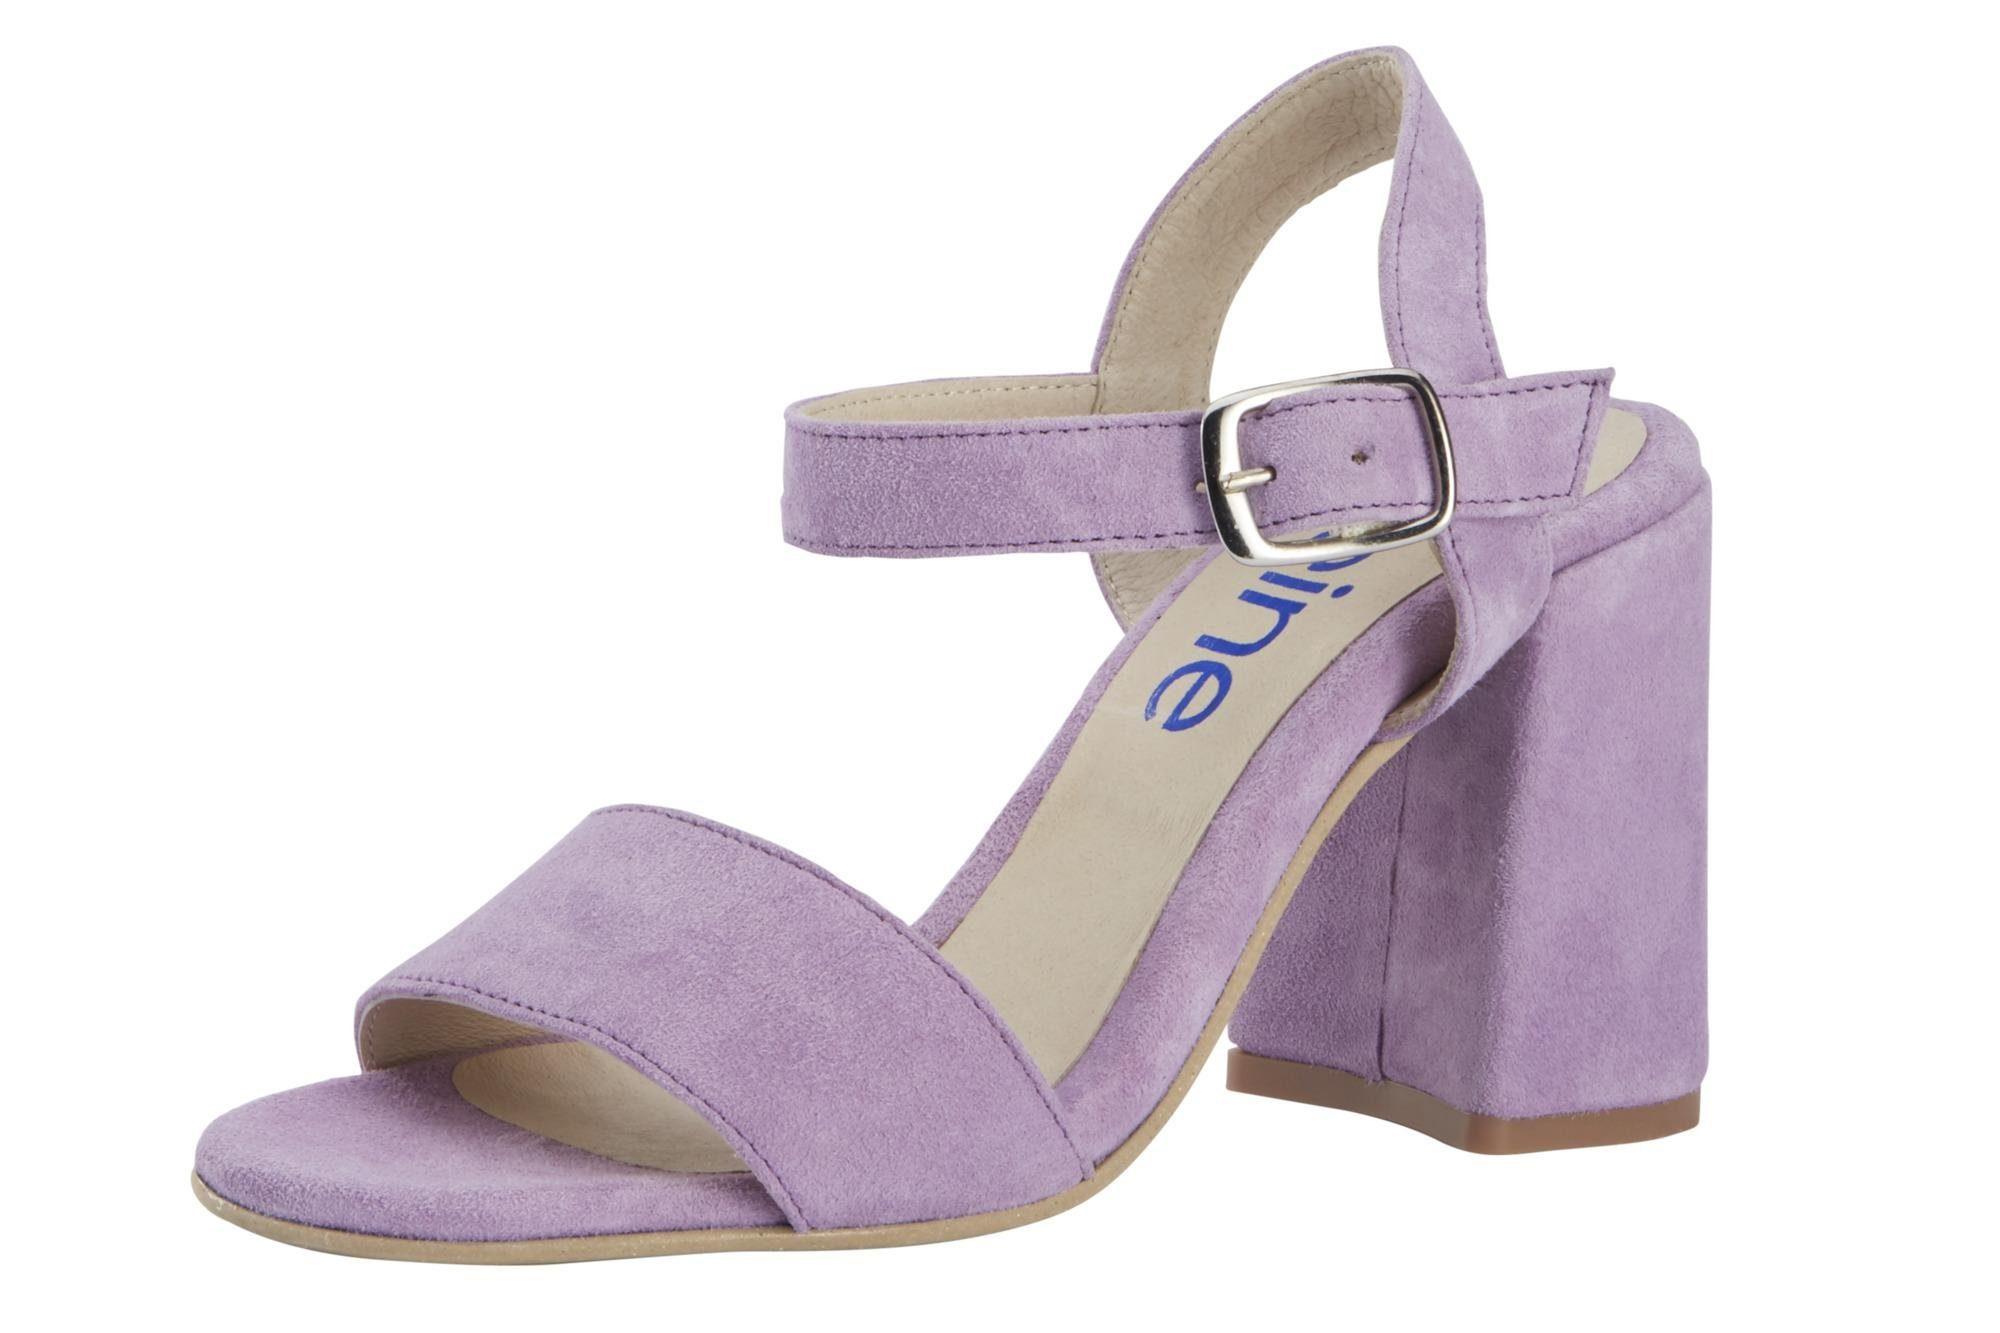 Überzogenem KaufenOtto Sandalette Mit Heine Absatz IW29EHDY